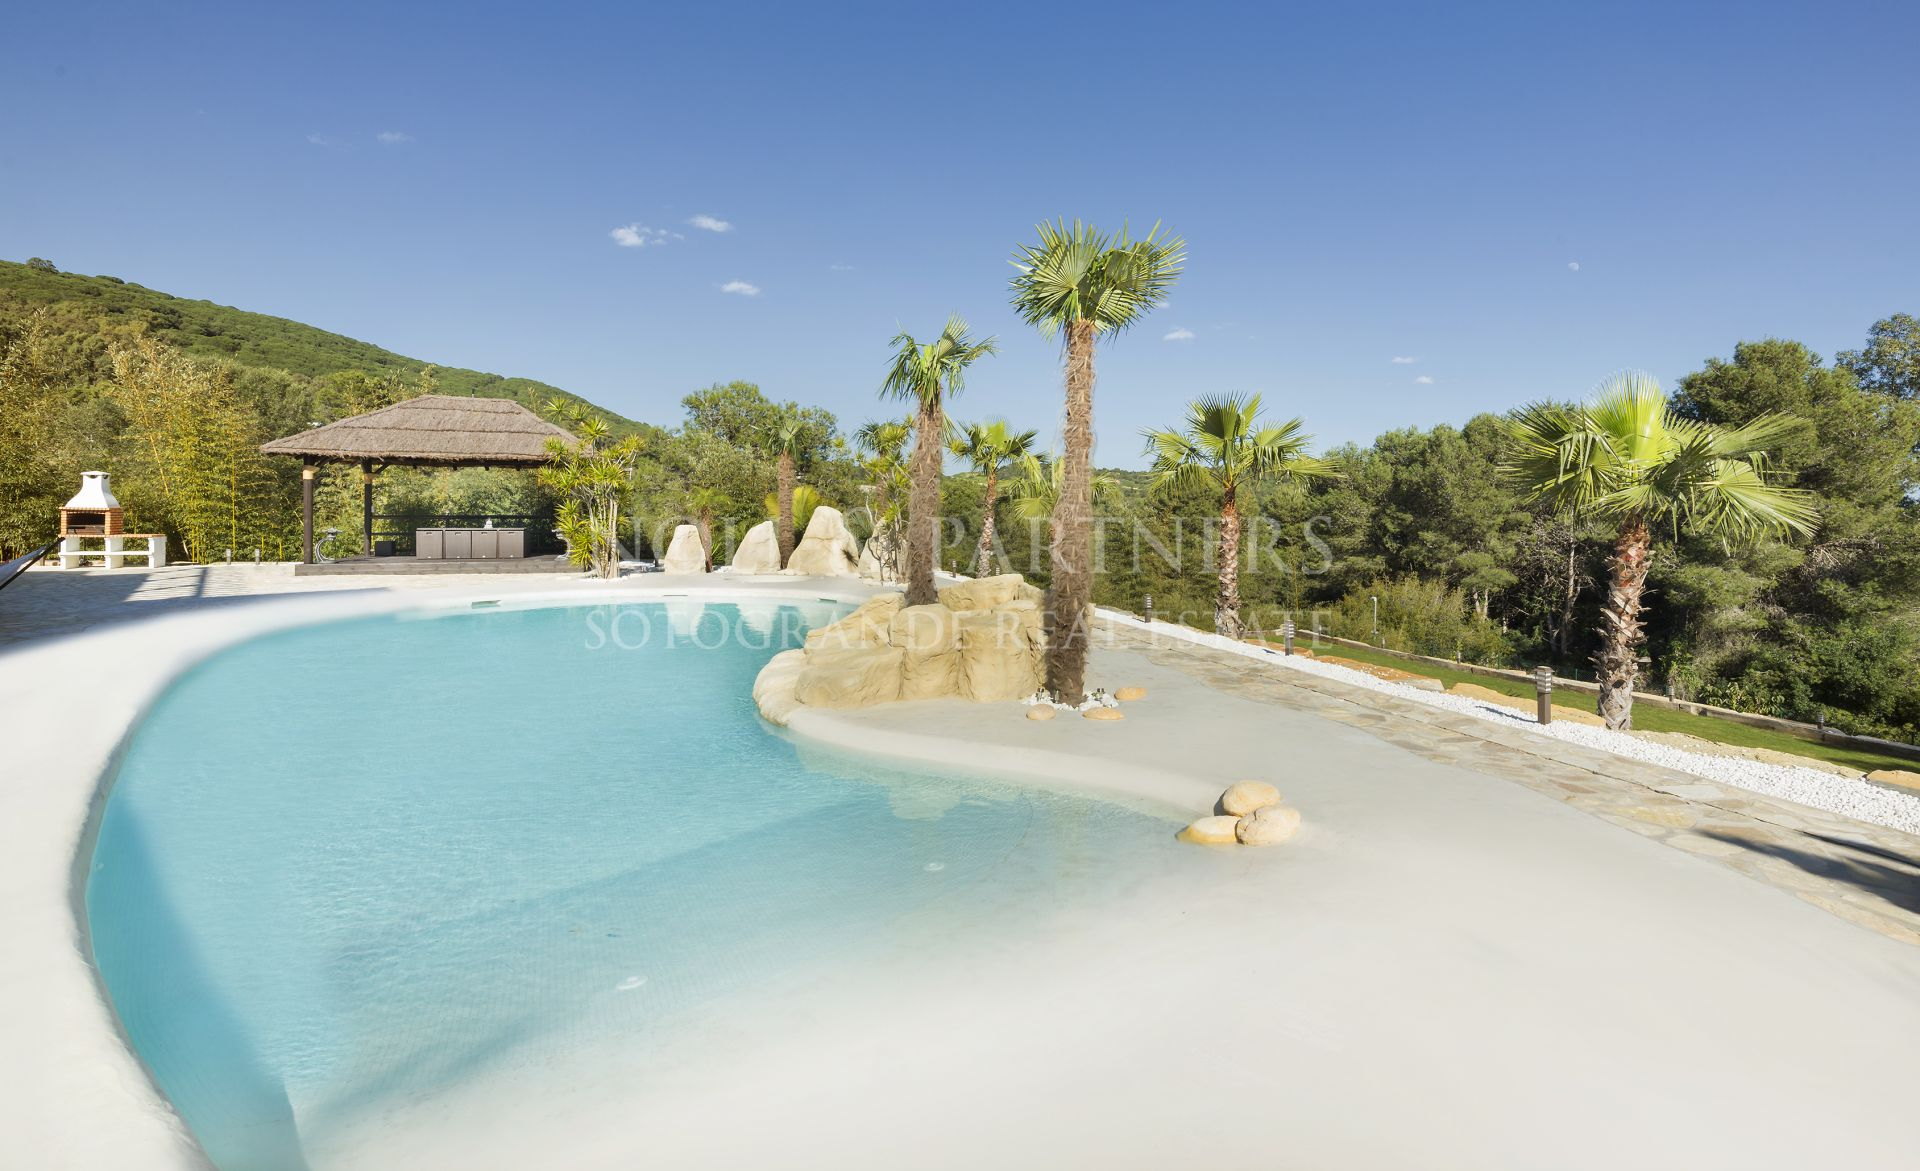 Villa moderna en venta en La Reserva Sotogrande